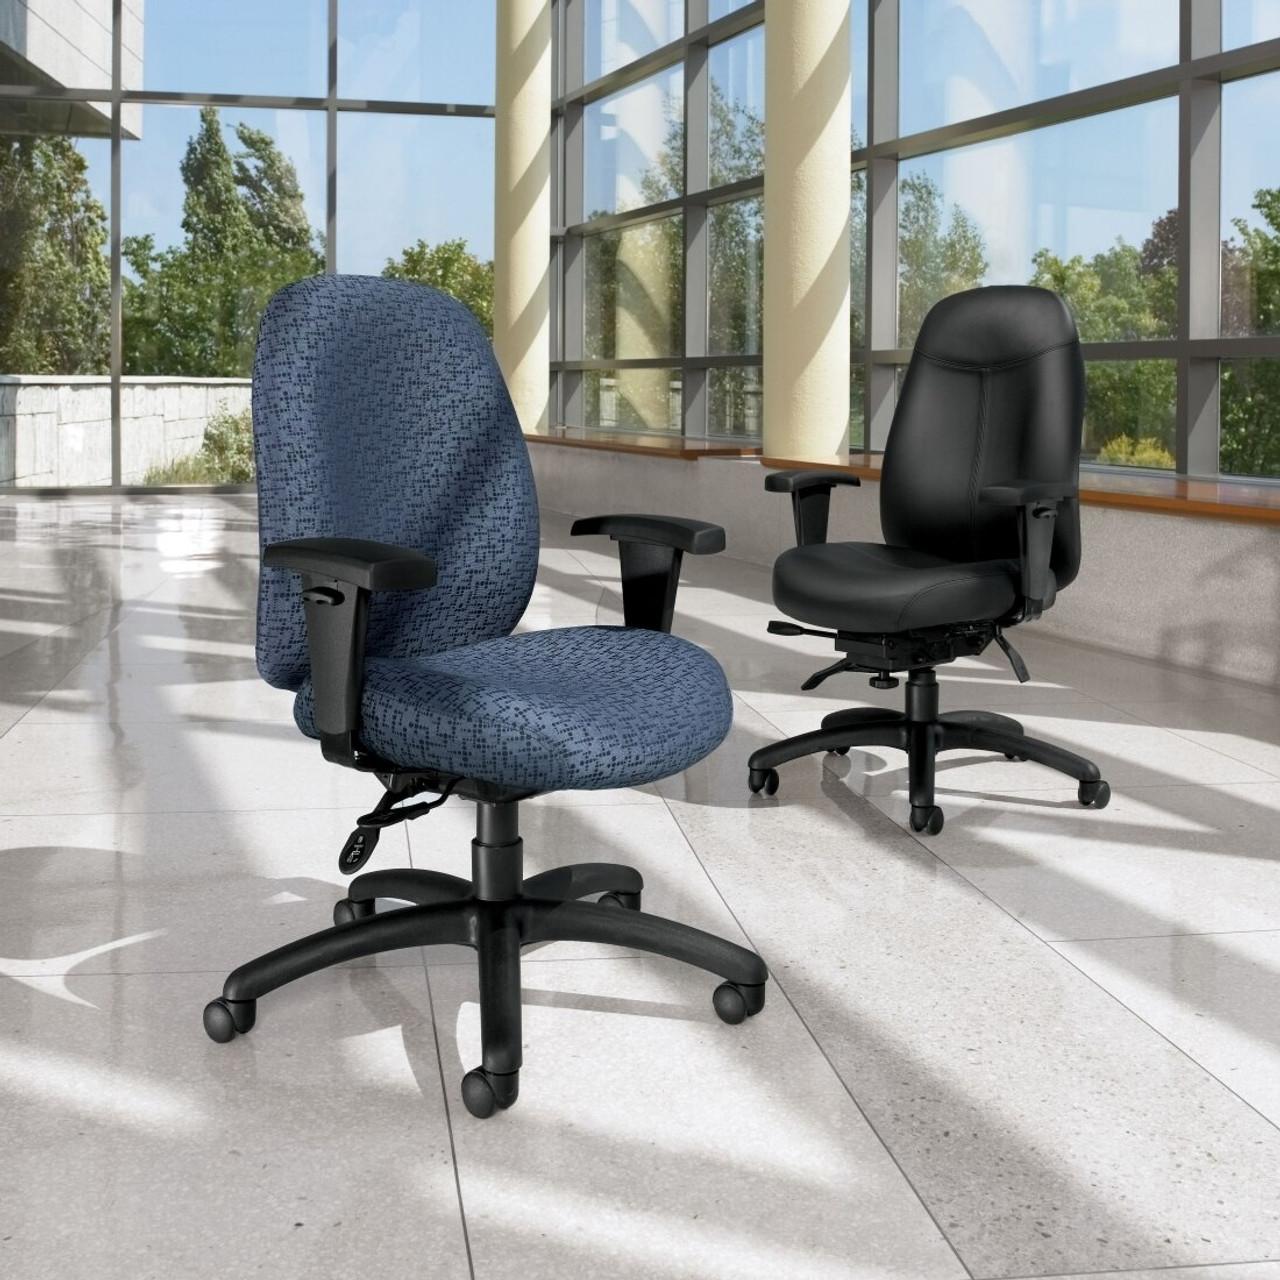 Granada family of ergonomic chairs